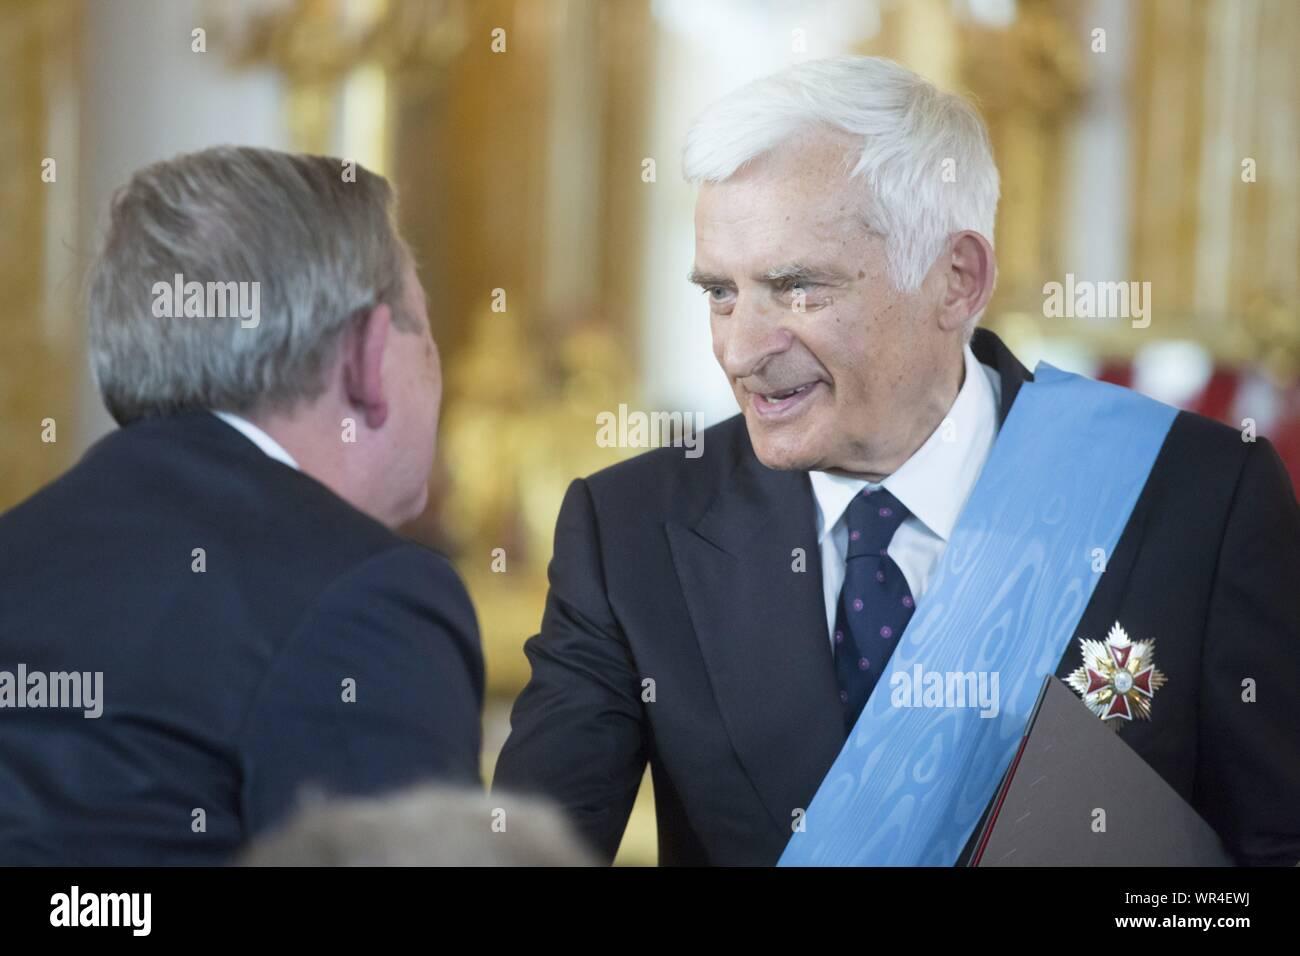 Le 6 août 2015, Varsovie, l'inauguration présidentielle en Pologne: Andrzej Duda prêté serment en tant que nouveau président polonais. Recevoir les insignes d'ordres au Royal Banque D'Images